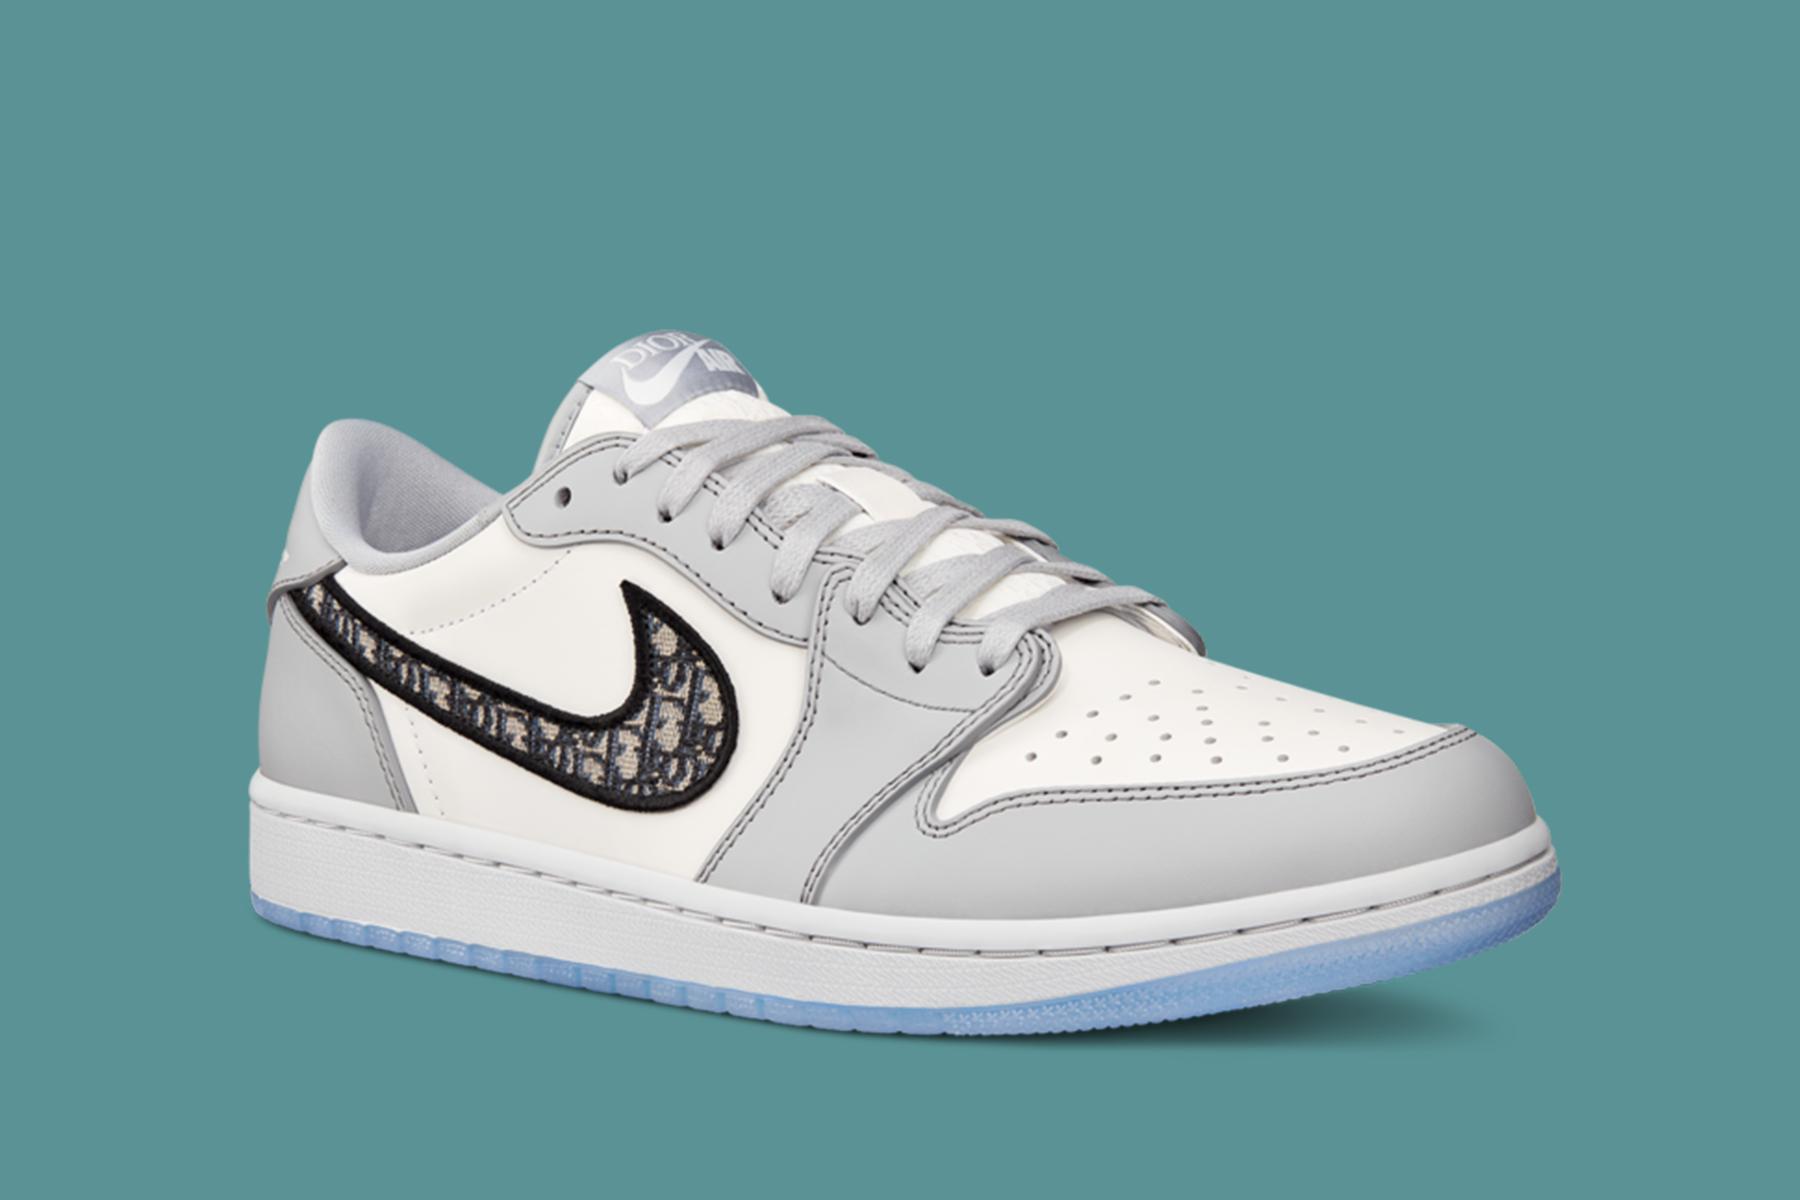 Dior X Air Jordan 1 Low Apparel Eukicks Air Jordans Dior Jordan 1 Low